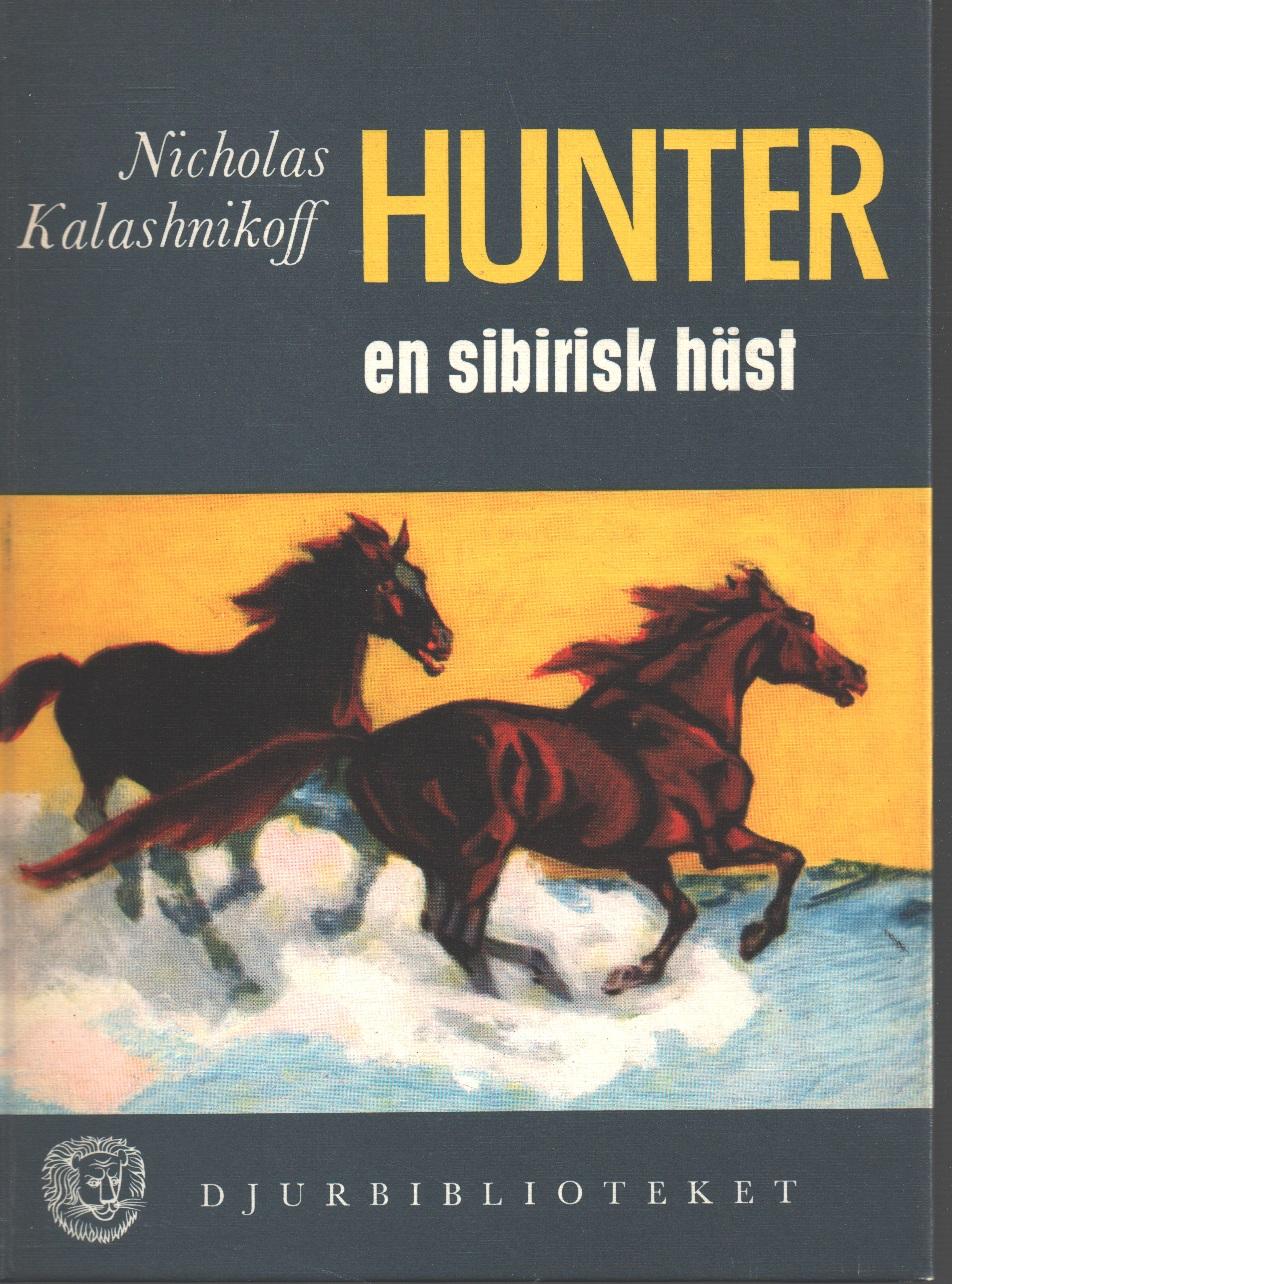 Hunter, en sibirisk häst - Kalashnikoff, Nicholas